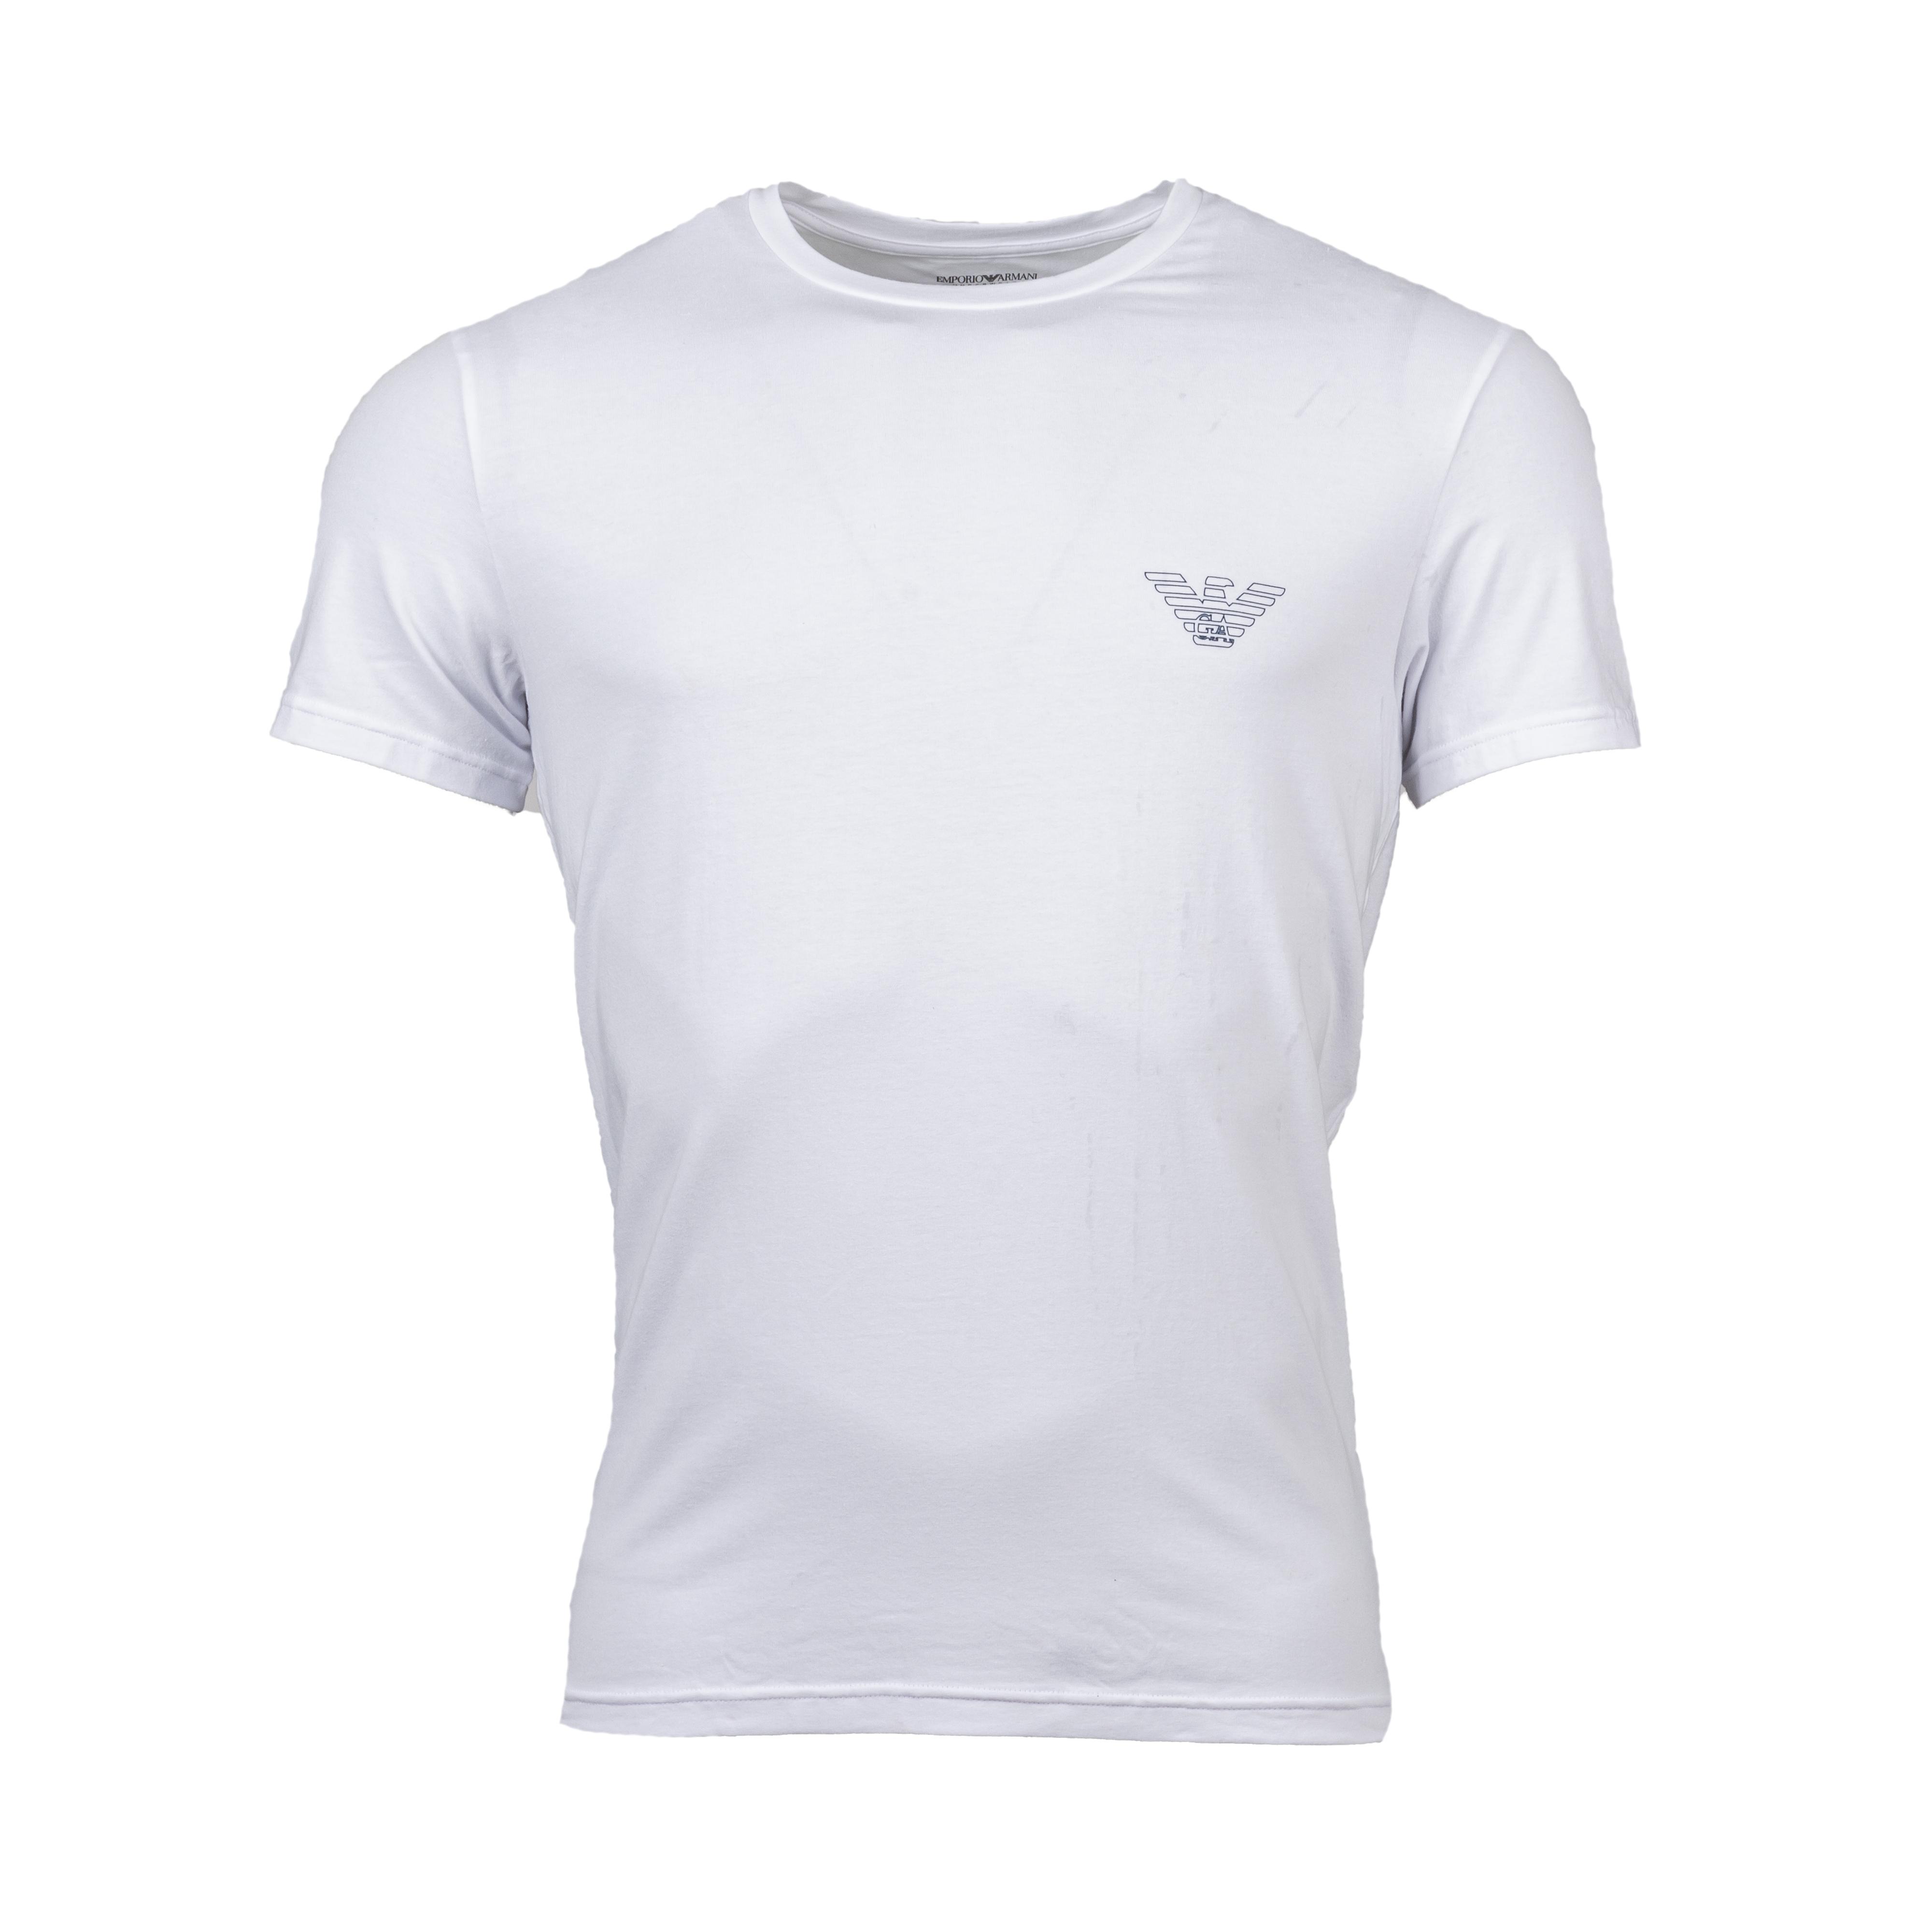 Tee-shirt col rond  en coton biologique stretch blanc floqué